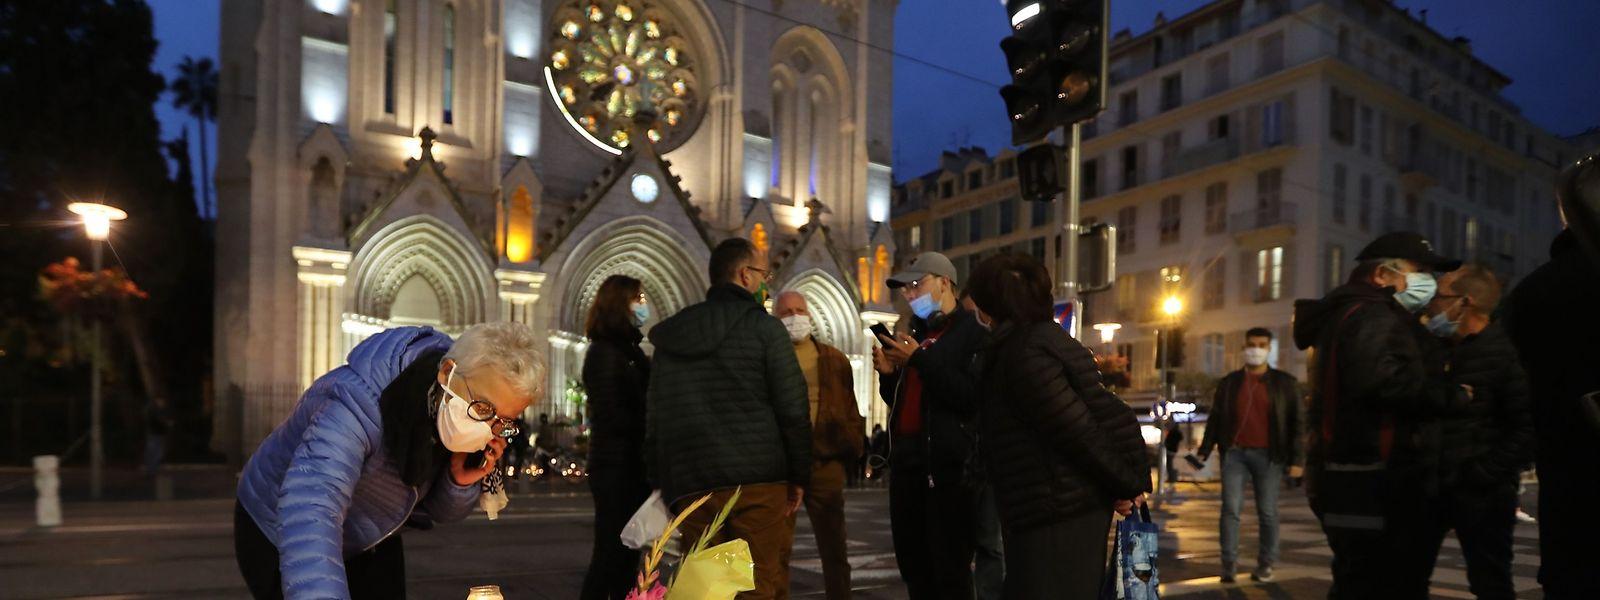 Vor der Kathedrale von Nice legen Passanten Blumen nieder.